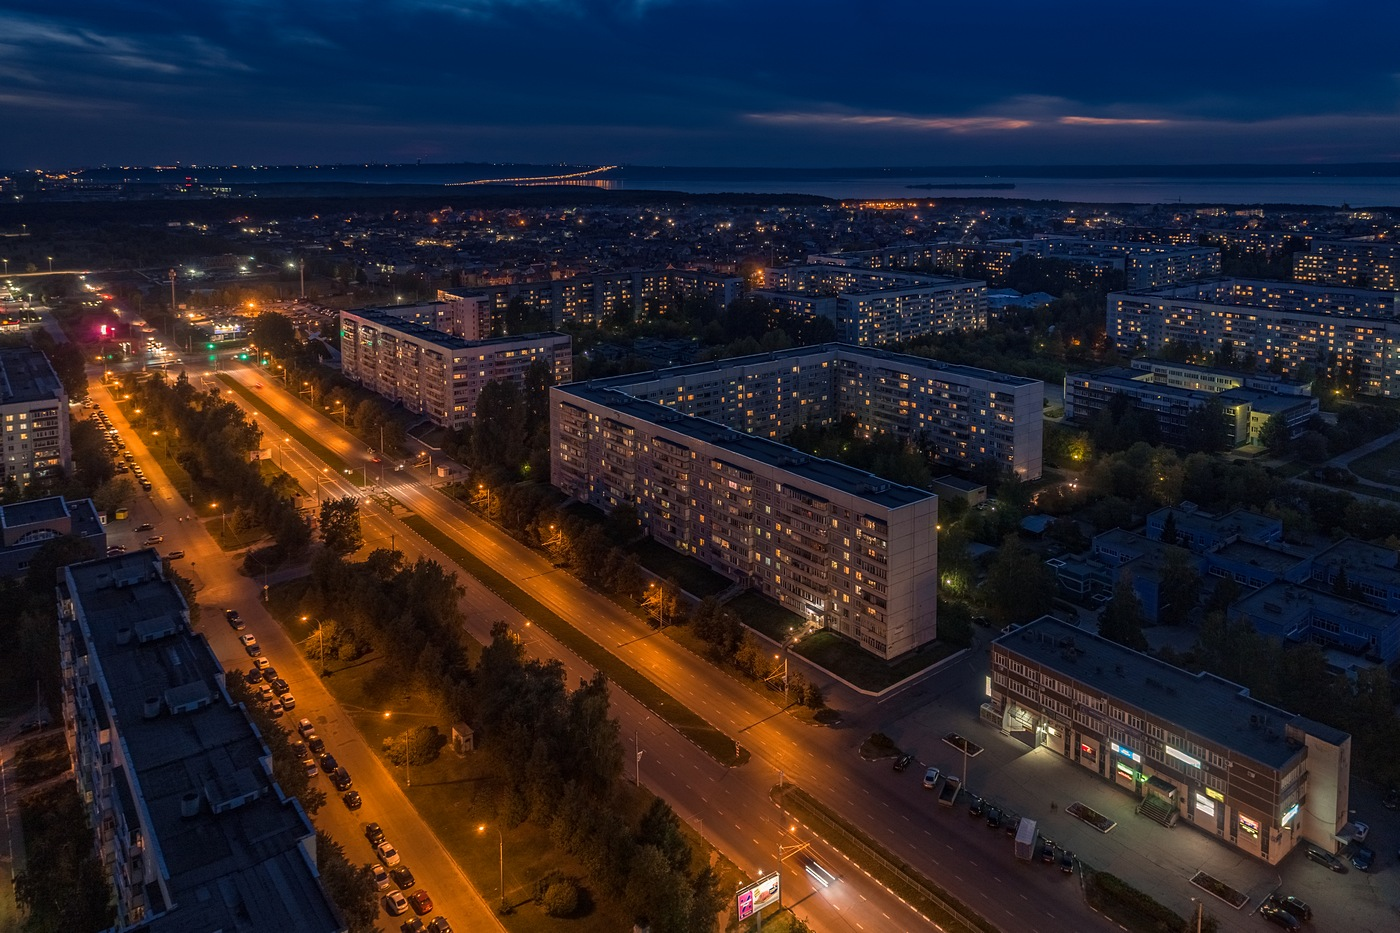 Ульяновск с высоты. Сентябрь 2019. город как на ладони,фото,аэрофото,аэрофотосъемка,высота,захватывающие картинки города,квадрокоптер,красивые фотографии с высоты,все о городе,Ульяновск,dji